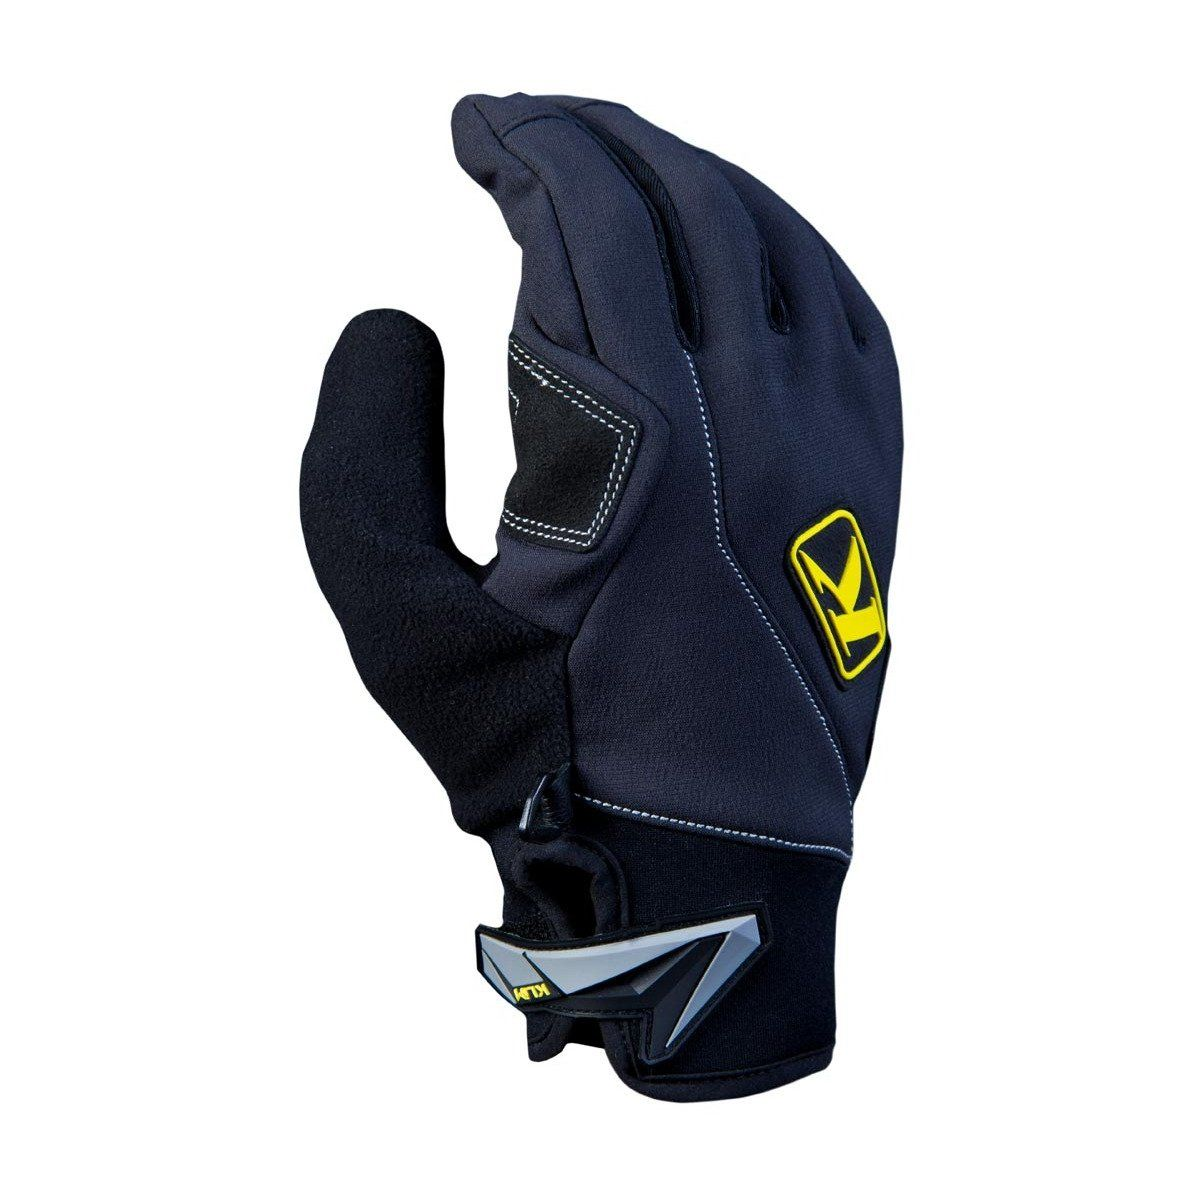 NEW Klim Inversion Glove Black Snowmobile//ATV Gloves Water Resistant Glove